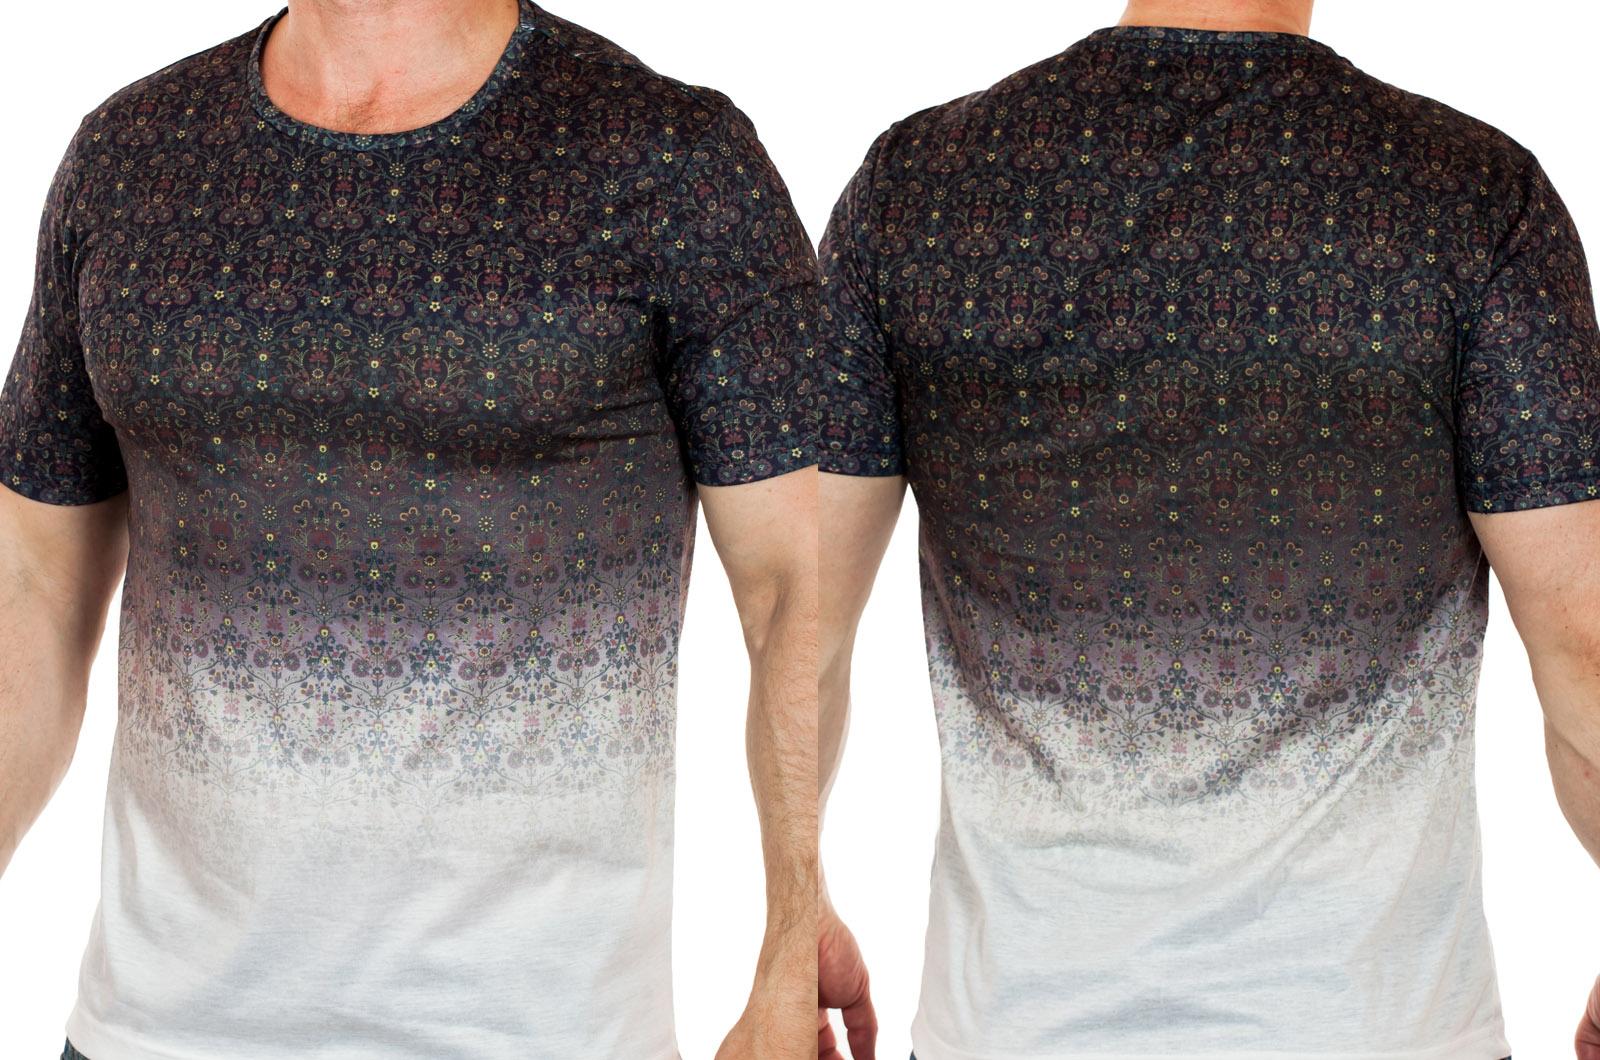 Авангардная мужская футболка Max Young Man. Смелый FLORAL STYLE